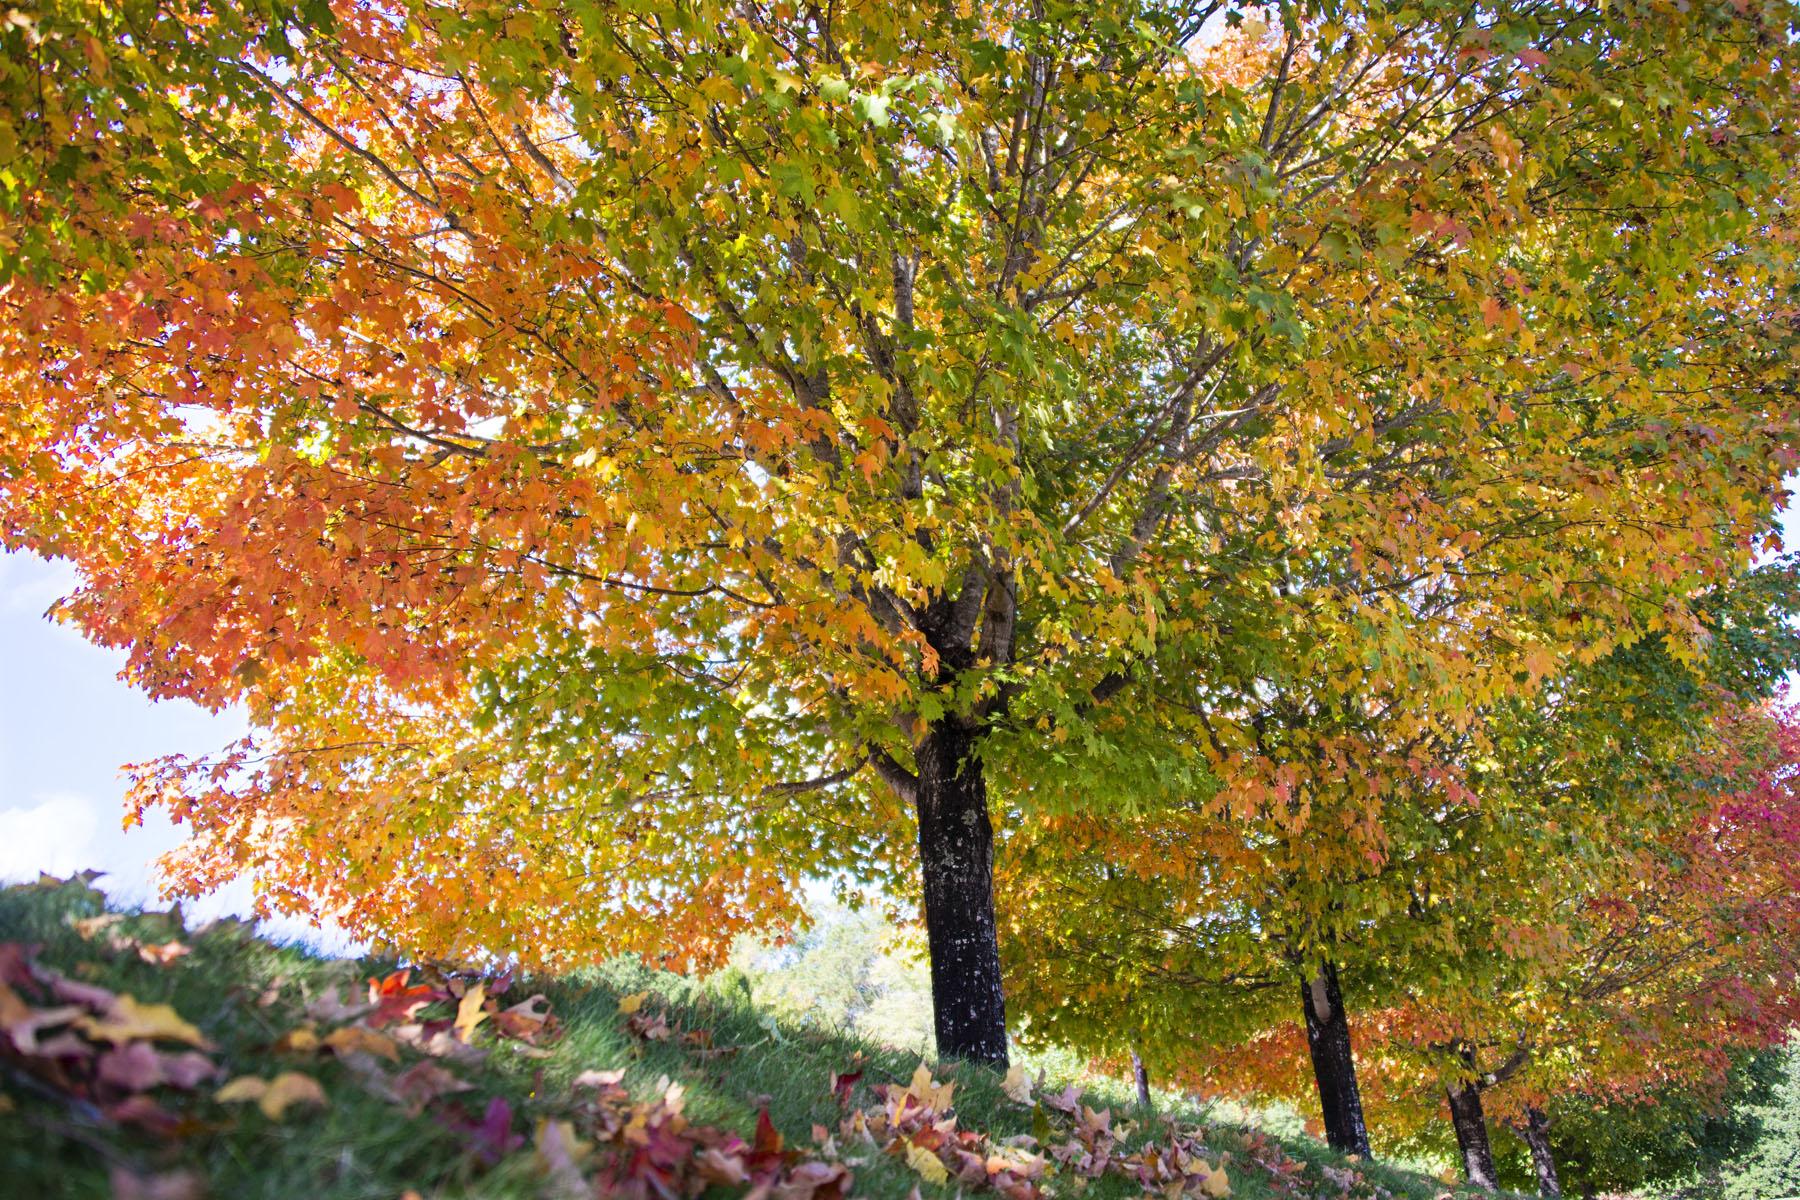 Colorful Fall Tree Foliage